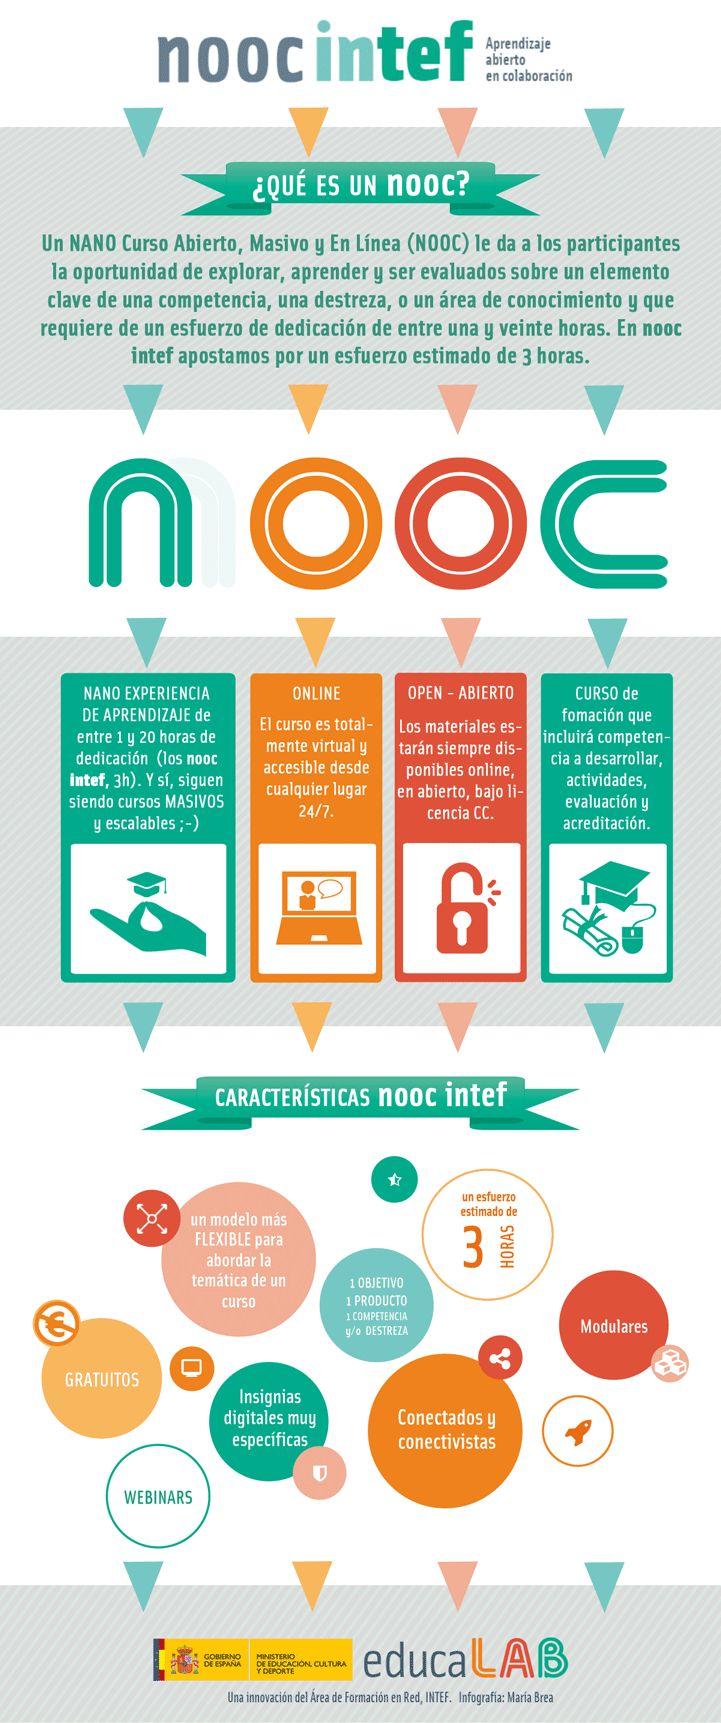 ¿Qué es un NOOC INTEF?